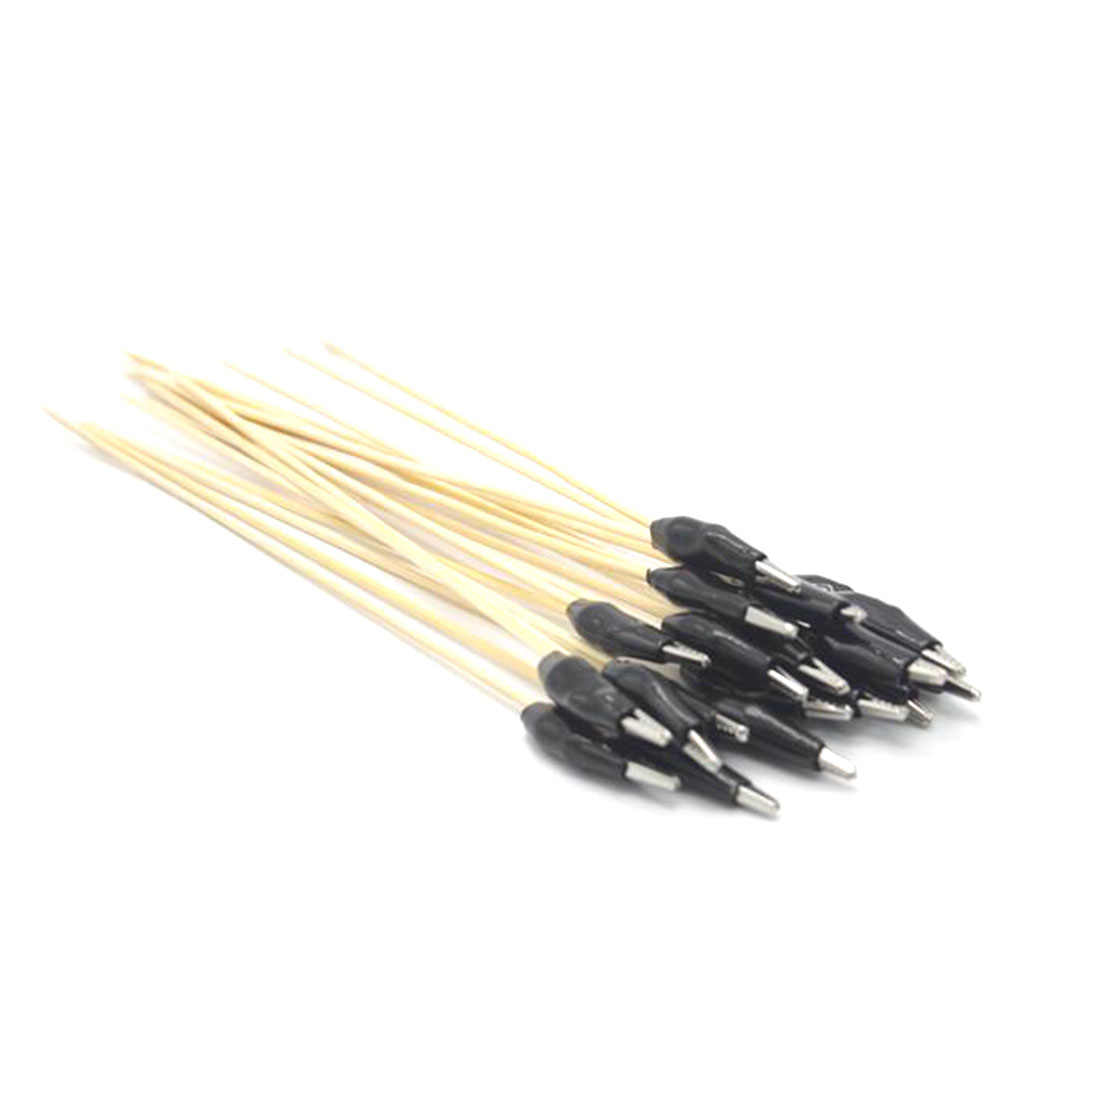 10/20/30 pçs de aço inoxidável cor pintura braçadeira clipe vara para diy modelo conjunto airbrush hobby modelo conjuntos de ferramentas de construção